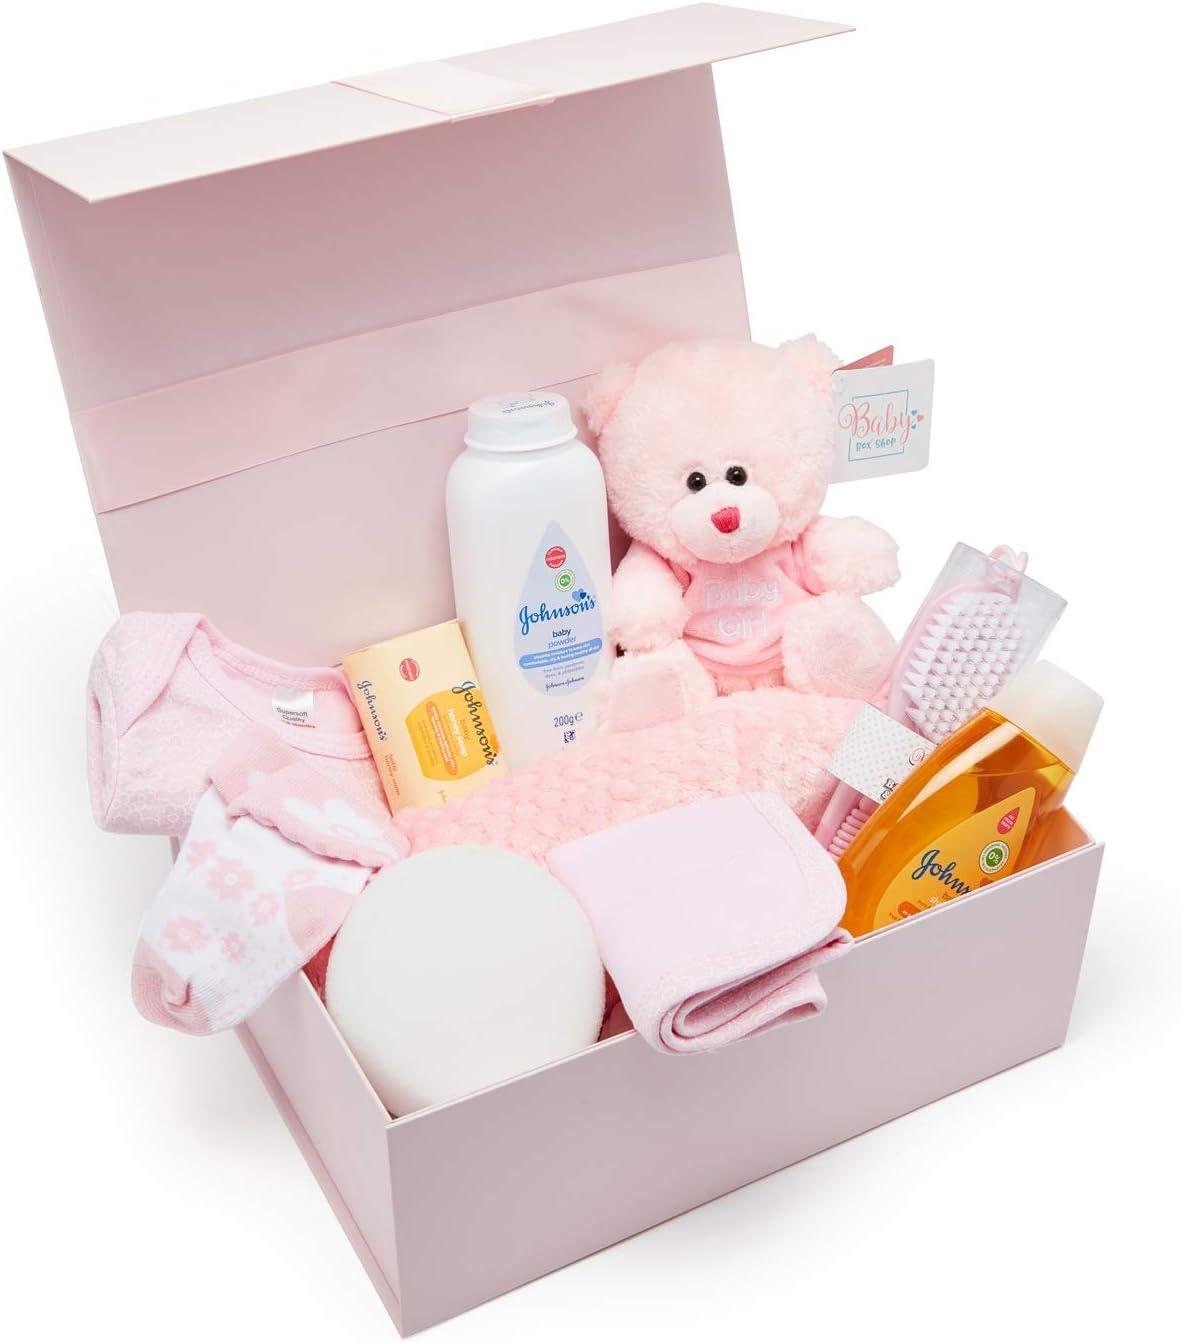 Baby Box Shop - Cesta regalo bebe - Regalos originales para baby shower con esenciales para bebes recien nacidos que incluye oso de peluche y caja recuerdos rosa: Amazon.es: Bebé